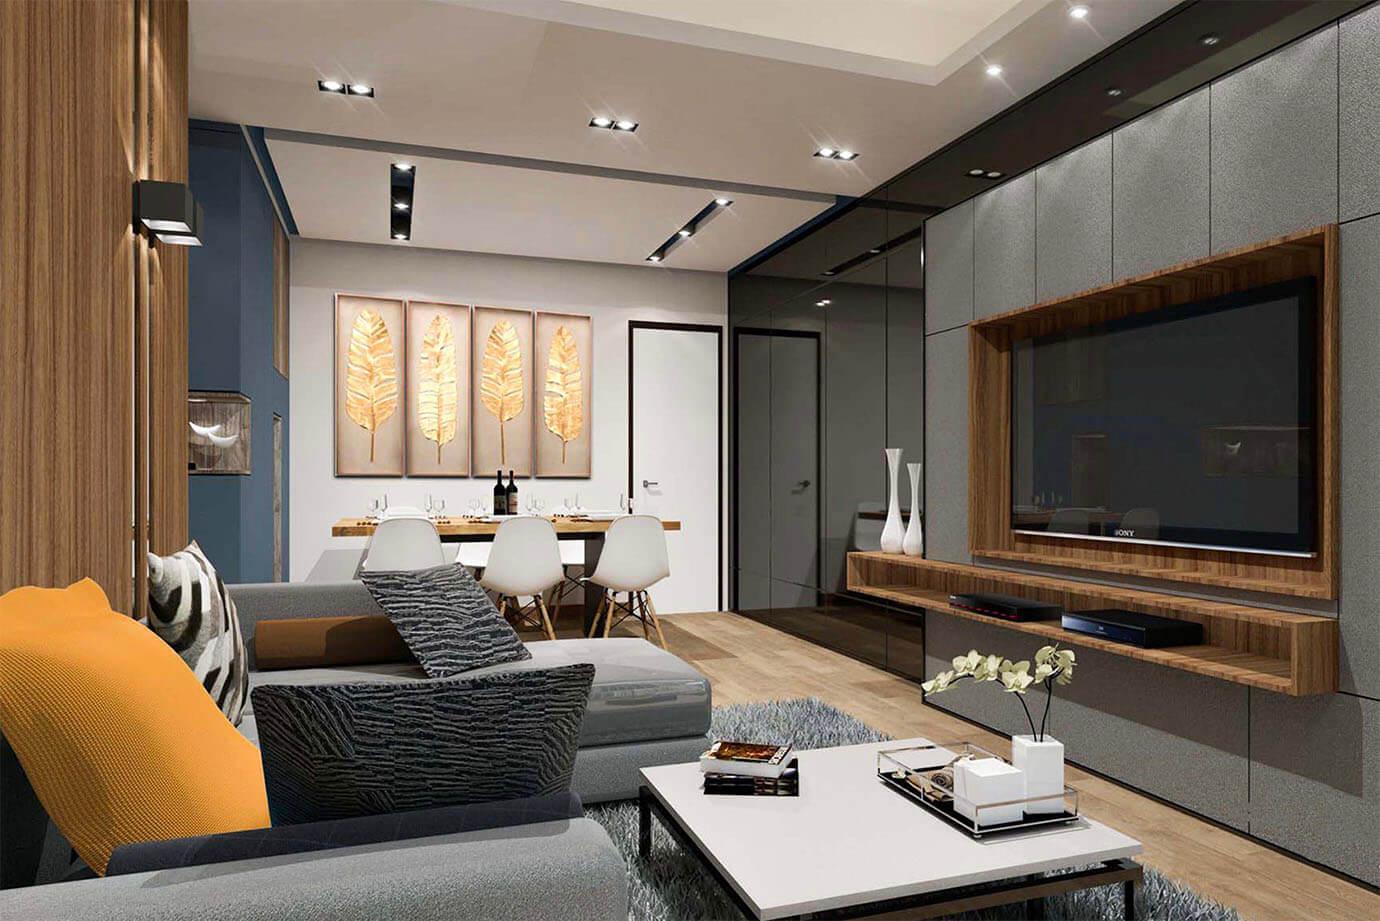 Inch Interior Design Hong Kong Ocean Pride